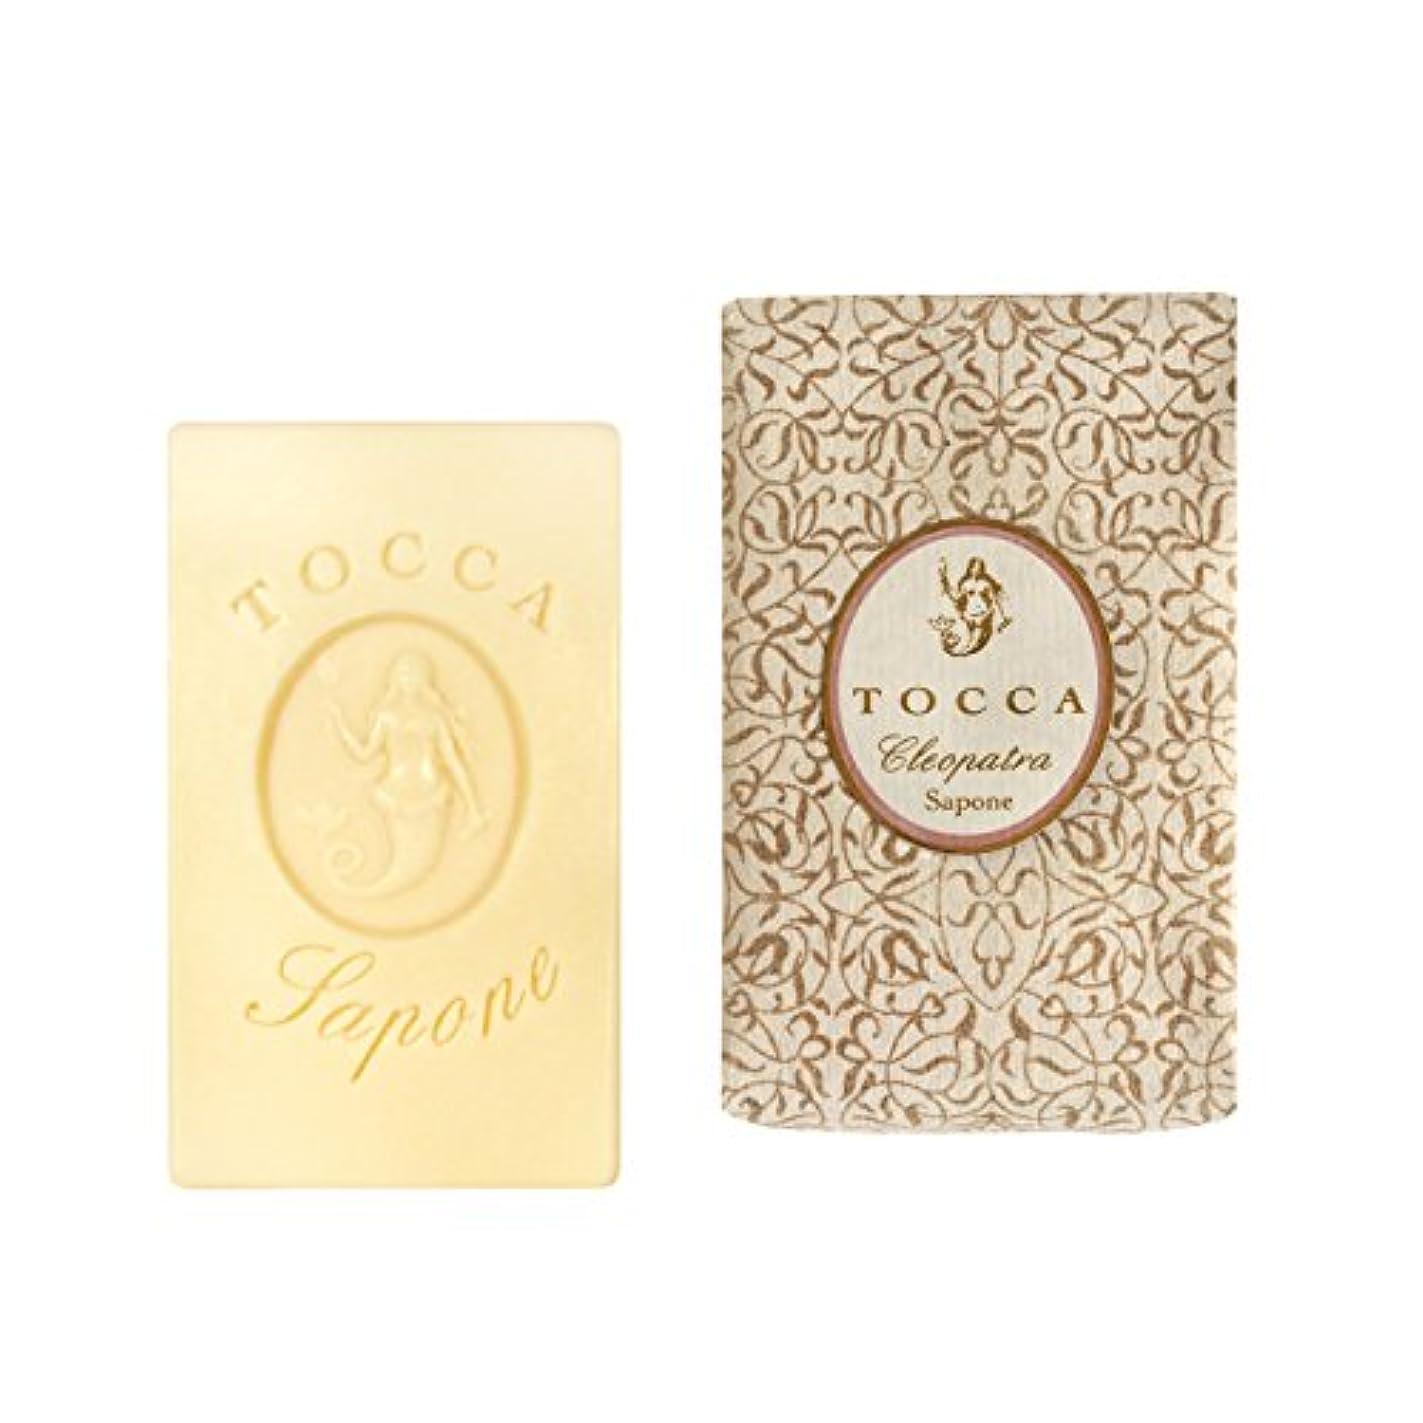 ラップスパイ洪水トッカ(TOCCA) ソープバー クレオパトラの香り 113g(石けん 化粧石けん グレープフルーツとキューカンバーのフレッシュでクリーンな香り)